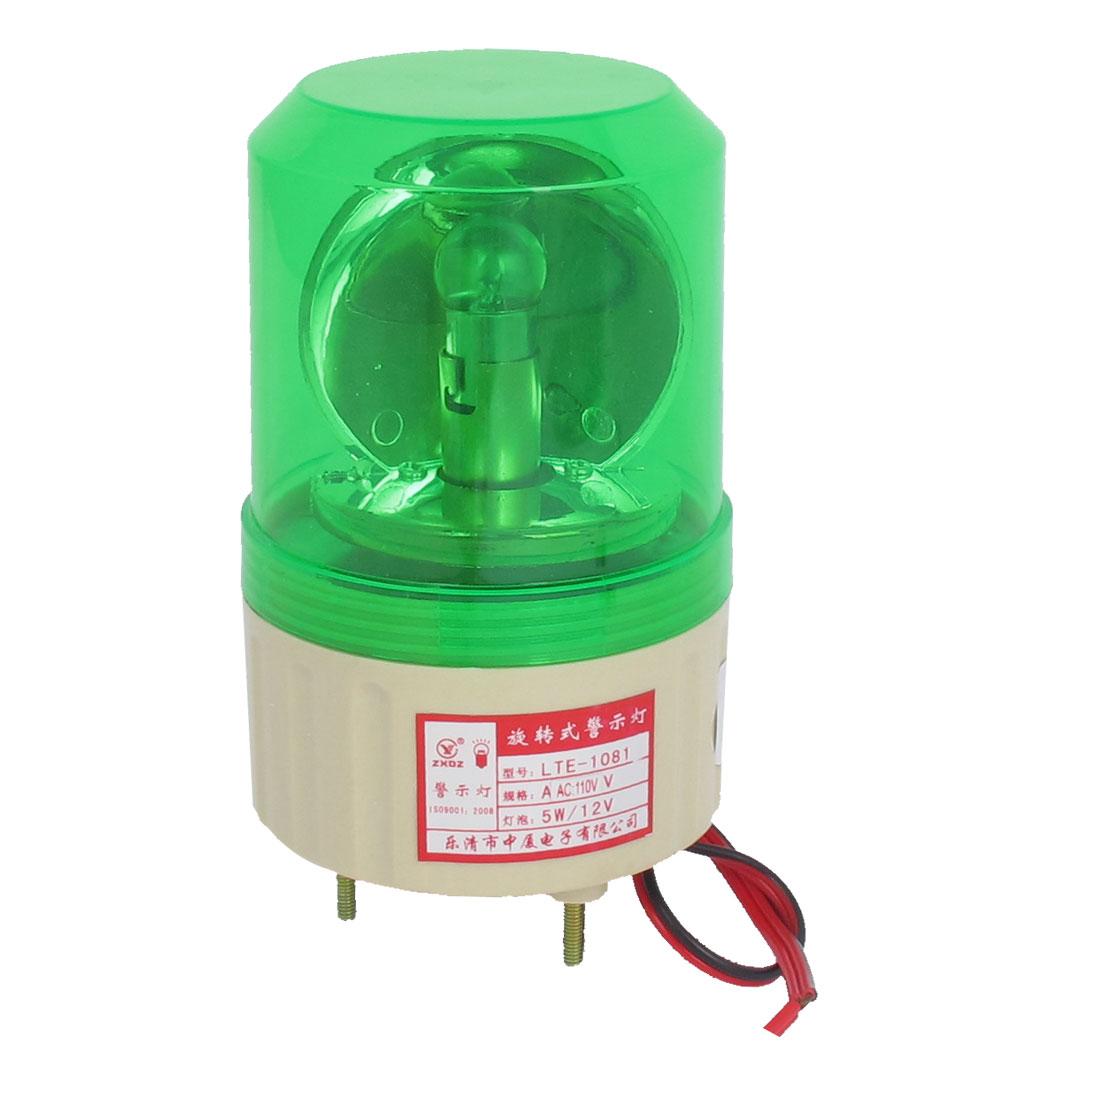 AC 110V Industrial Alarm System Rotating Warning Light Lamp Green